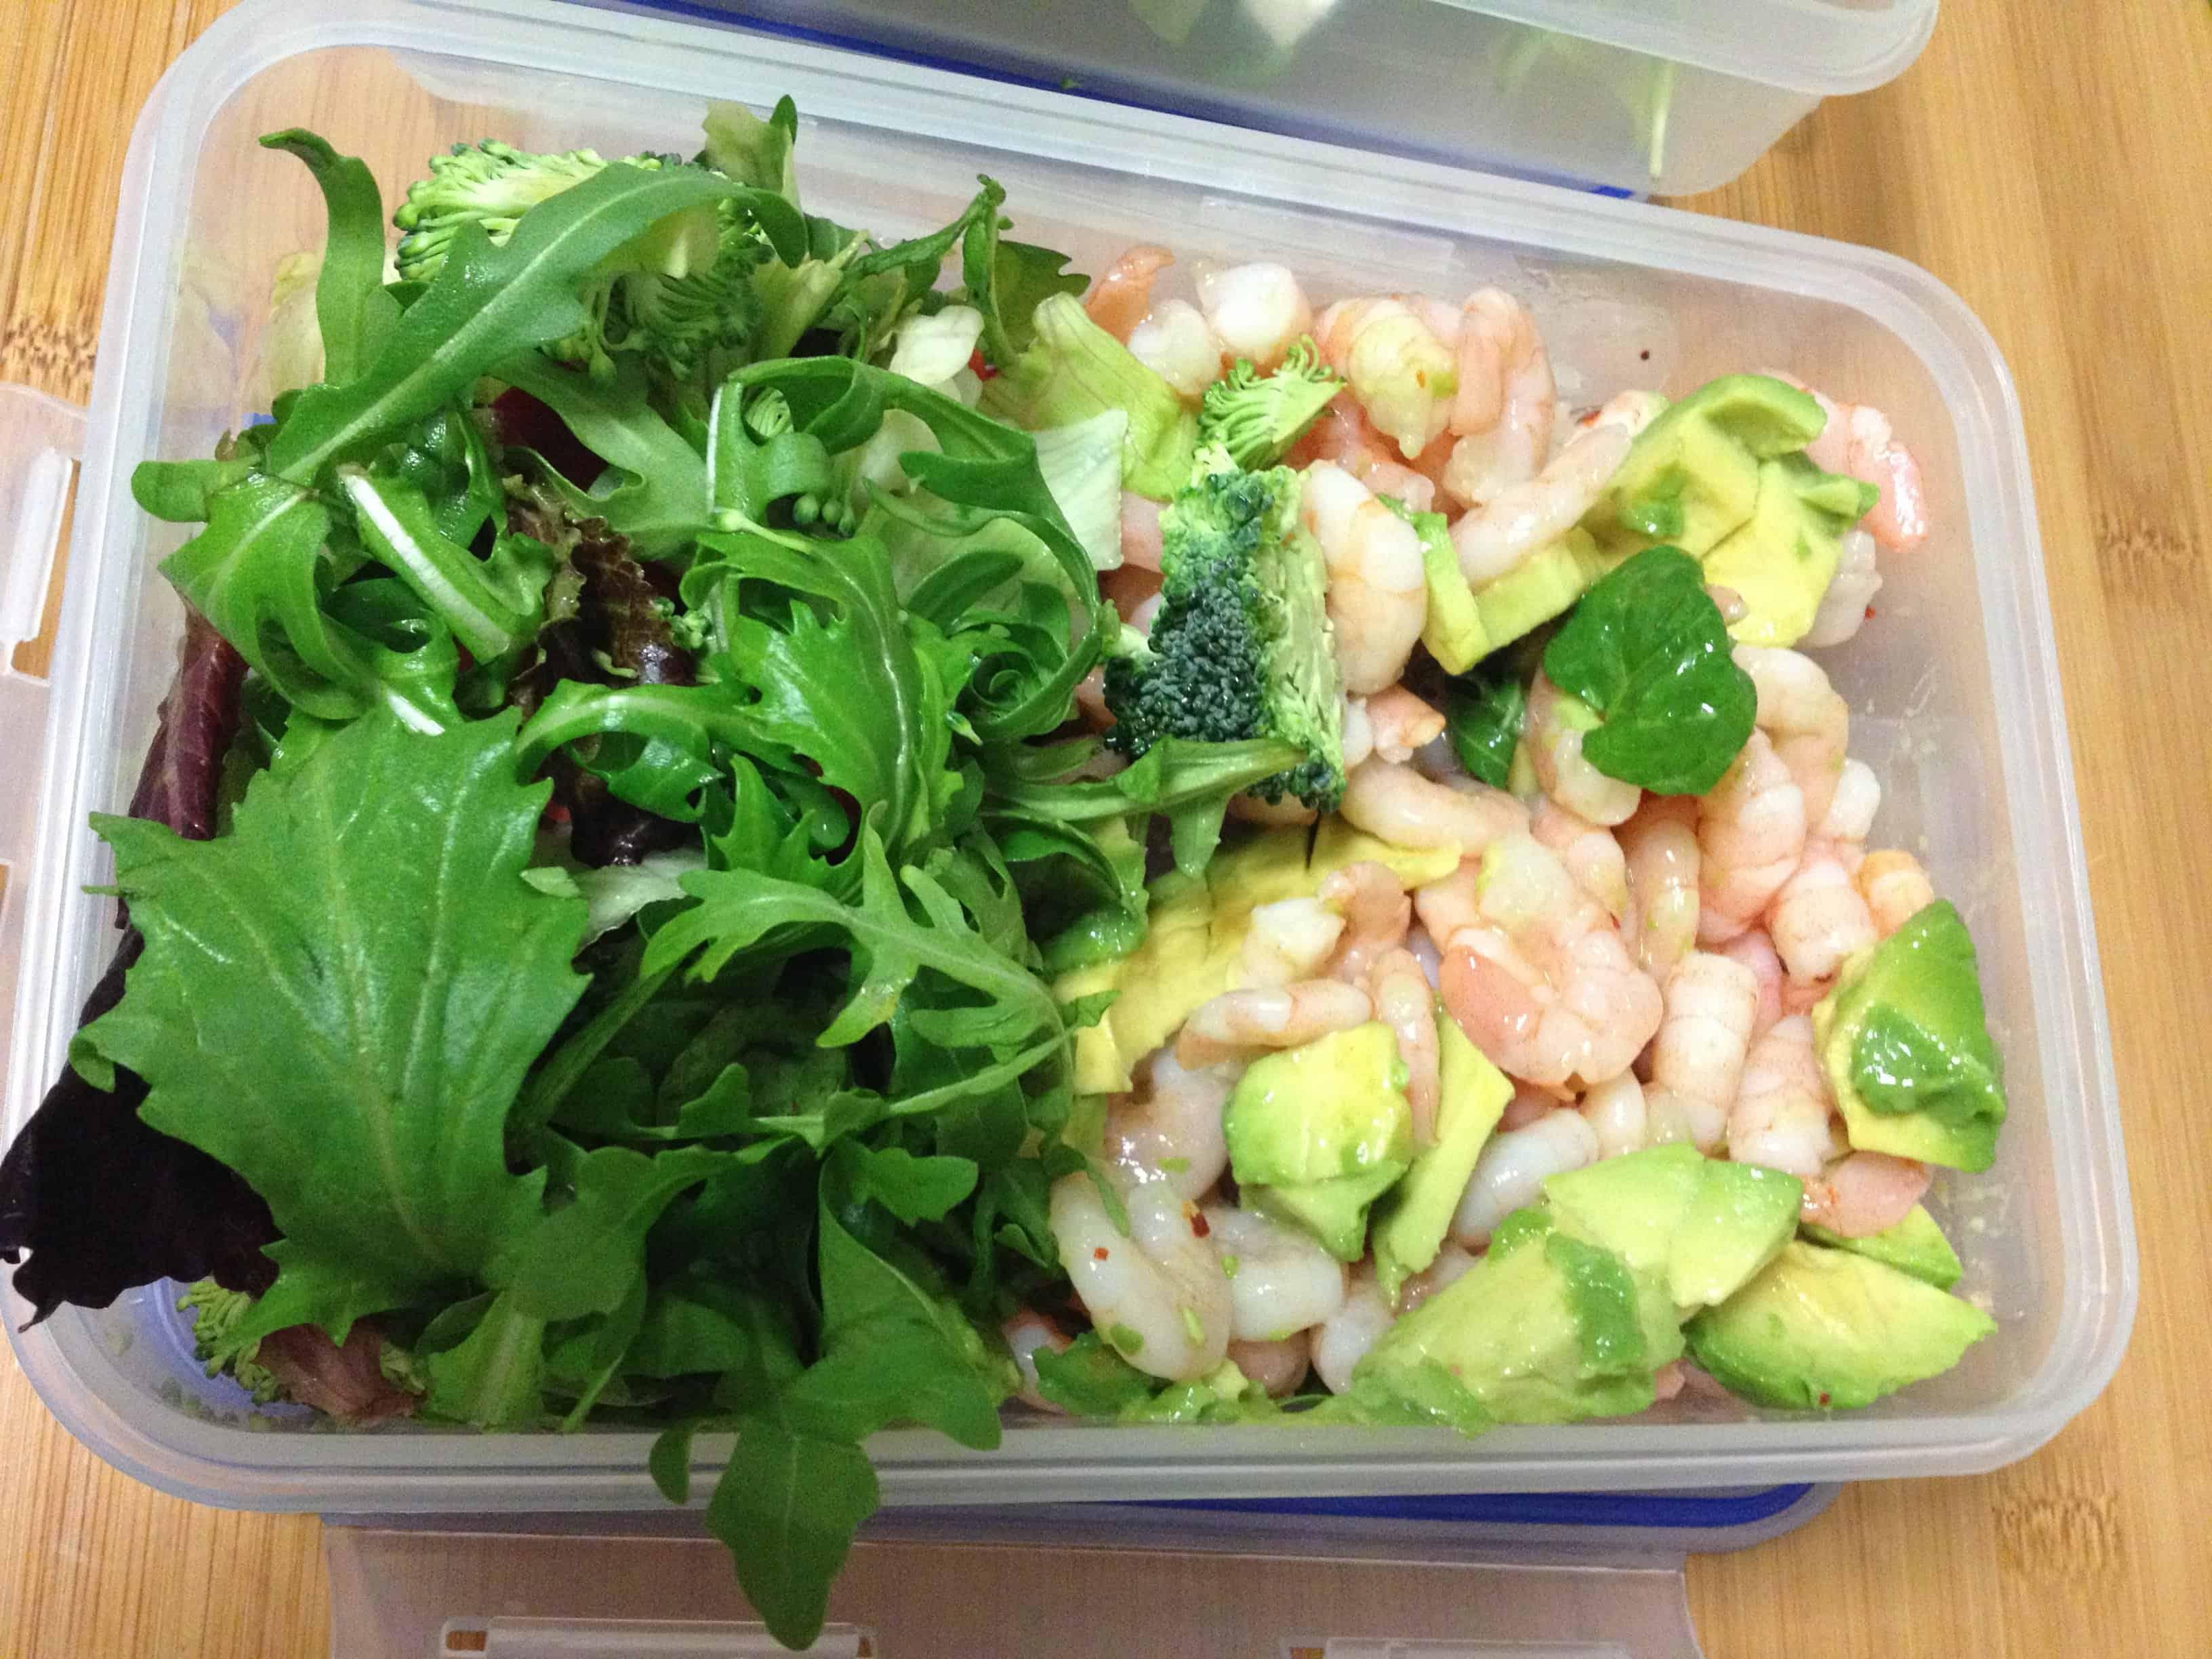 Prawns, avocado and salad